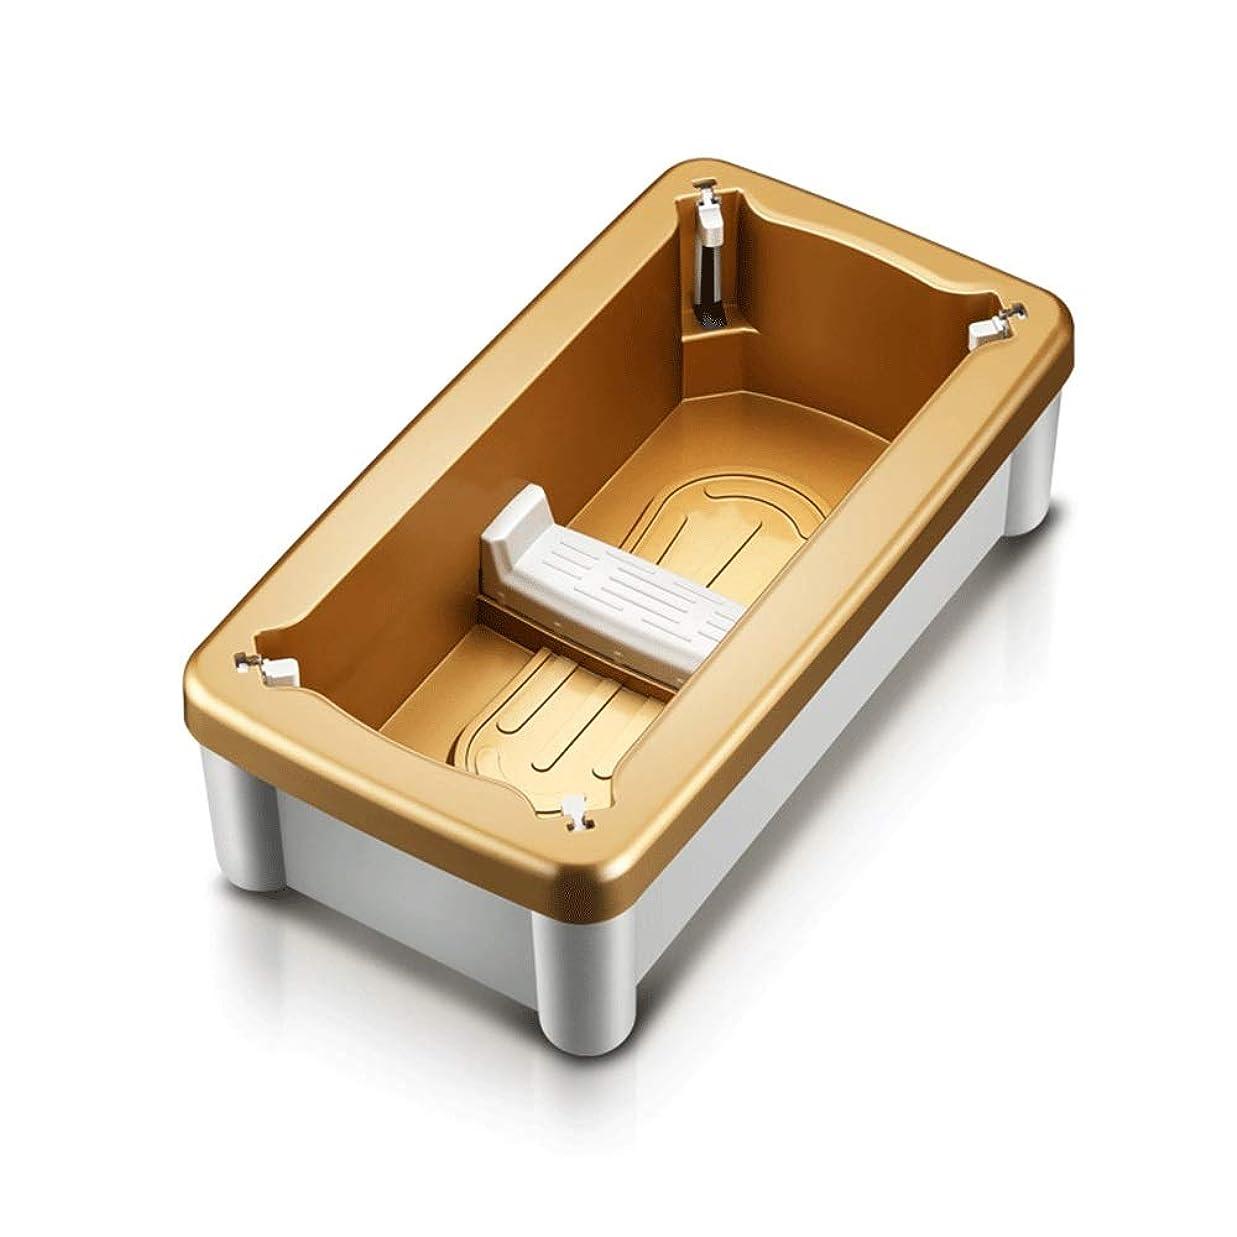 延ばすダース十分靴カバーマシンホーム自動使い捨て靴マシンオフィス足型機スマートフットカバー変更靴カオスを避けるために (Color : Gold)